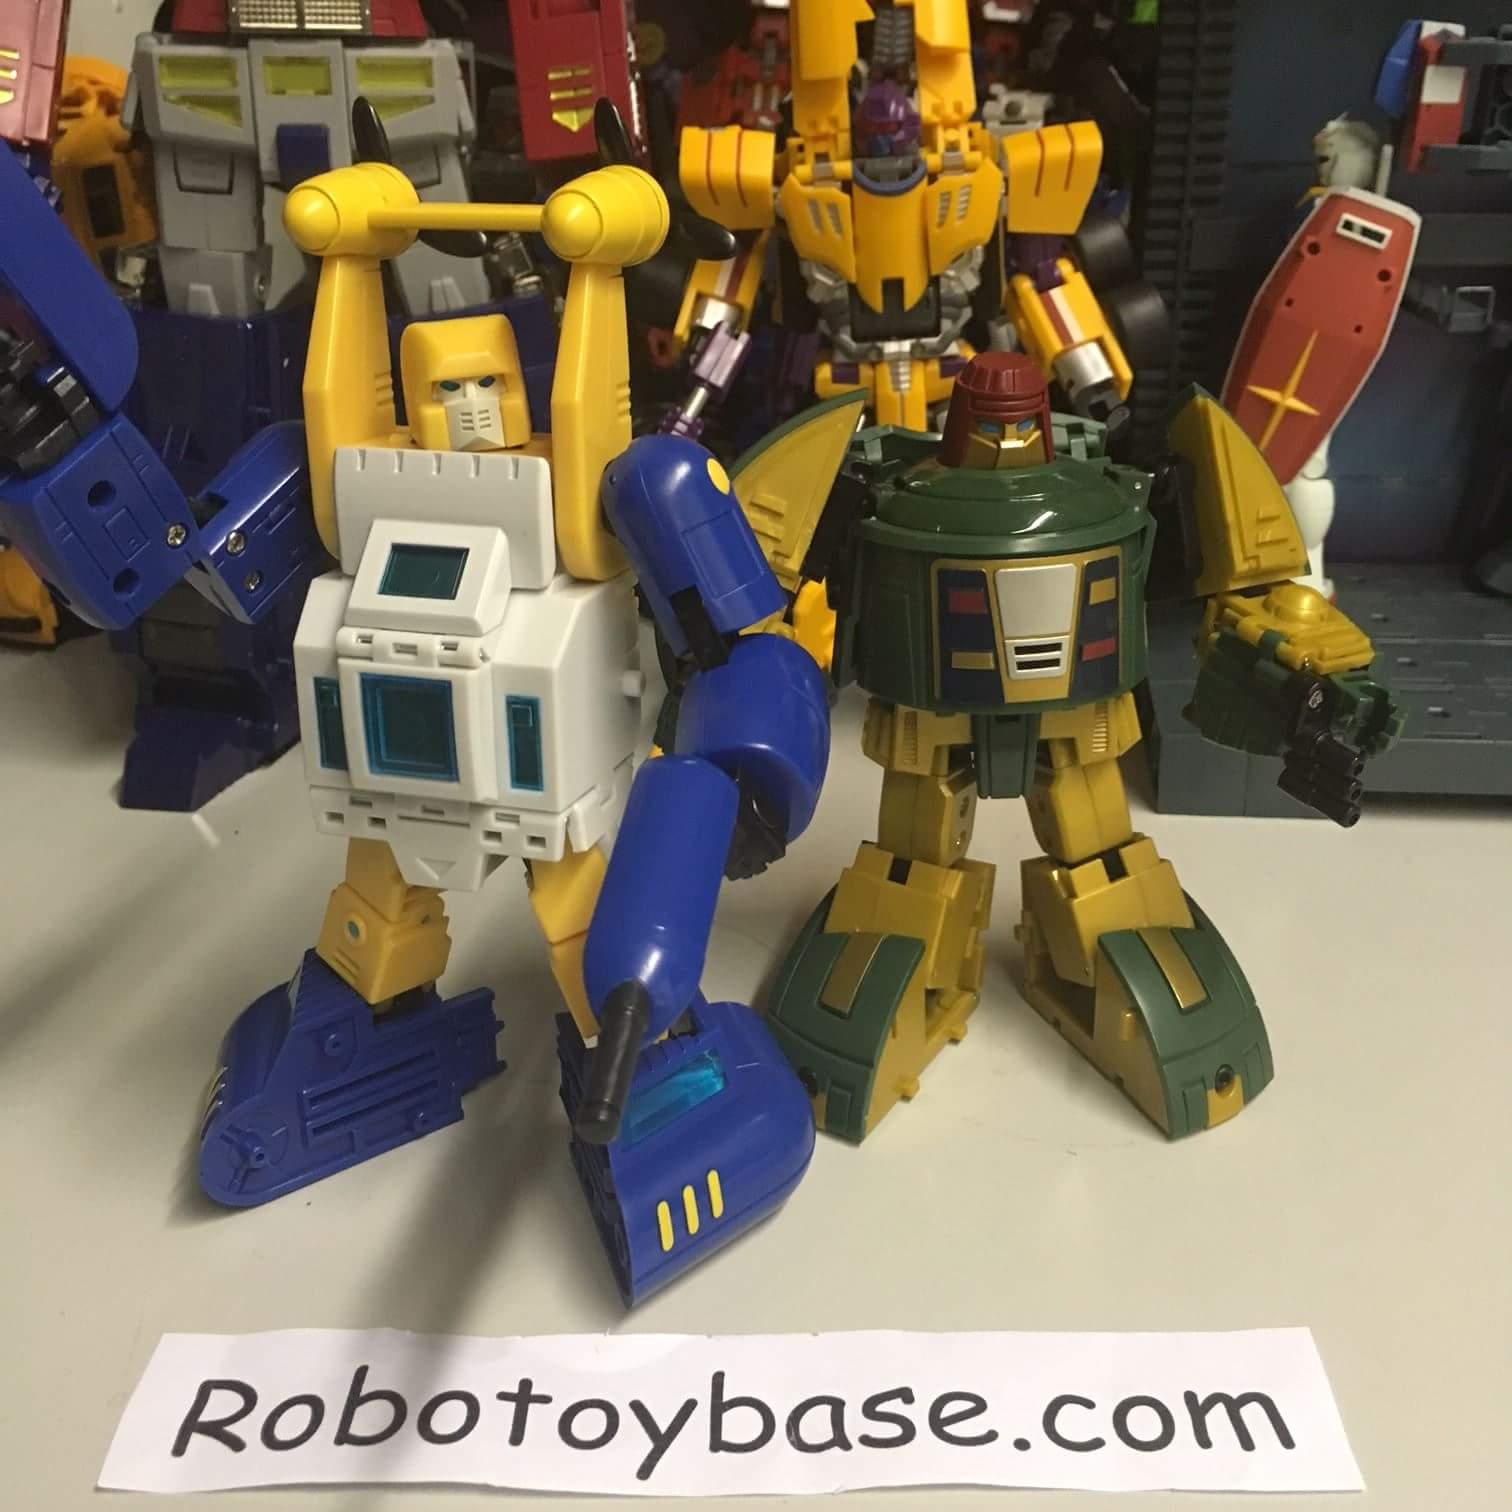 [Toyworld][Zeta Toys] Produit Tiers - Minibots MP - Gamme EX - Page 3 Dh0qQ0lz